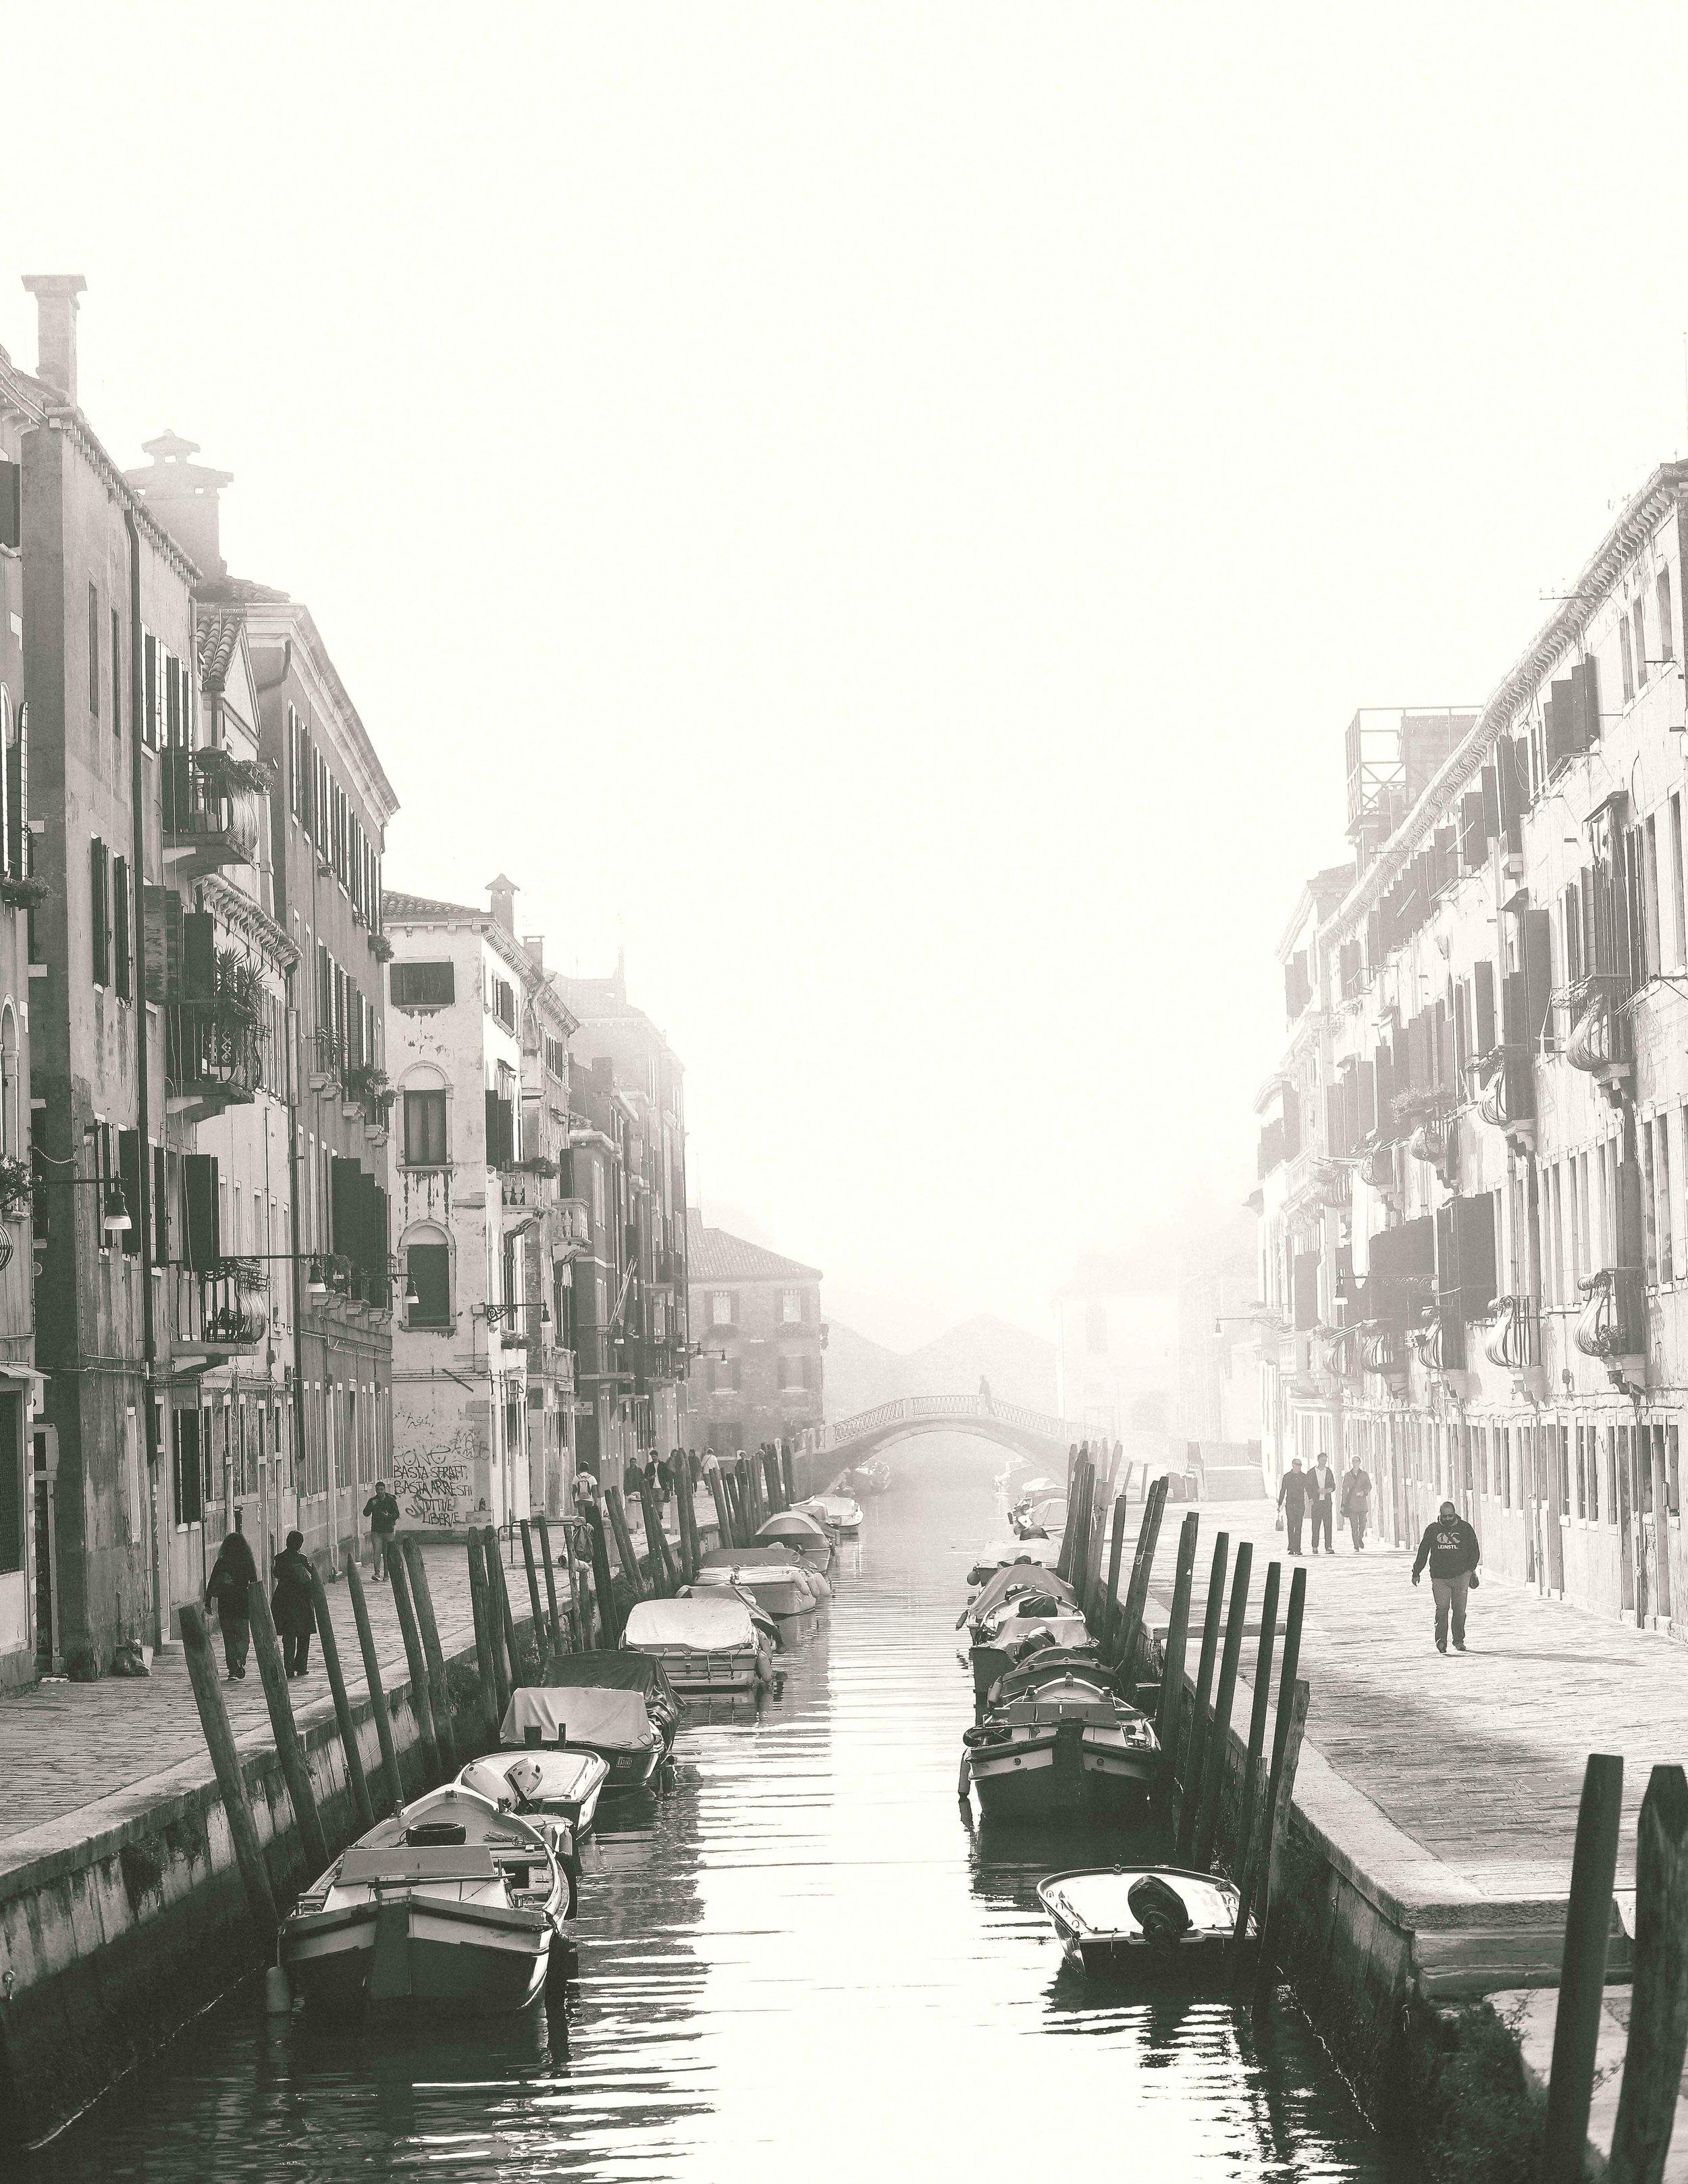 Travel_Photography_Venice_Italy.jpg